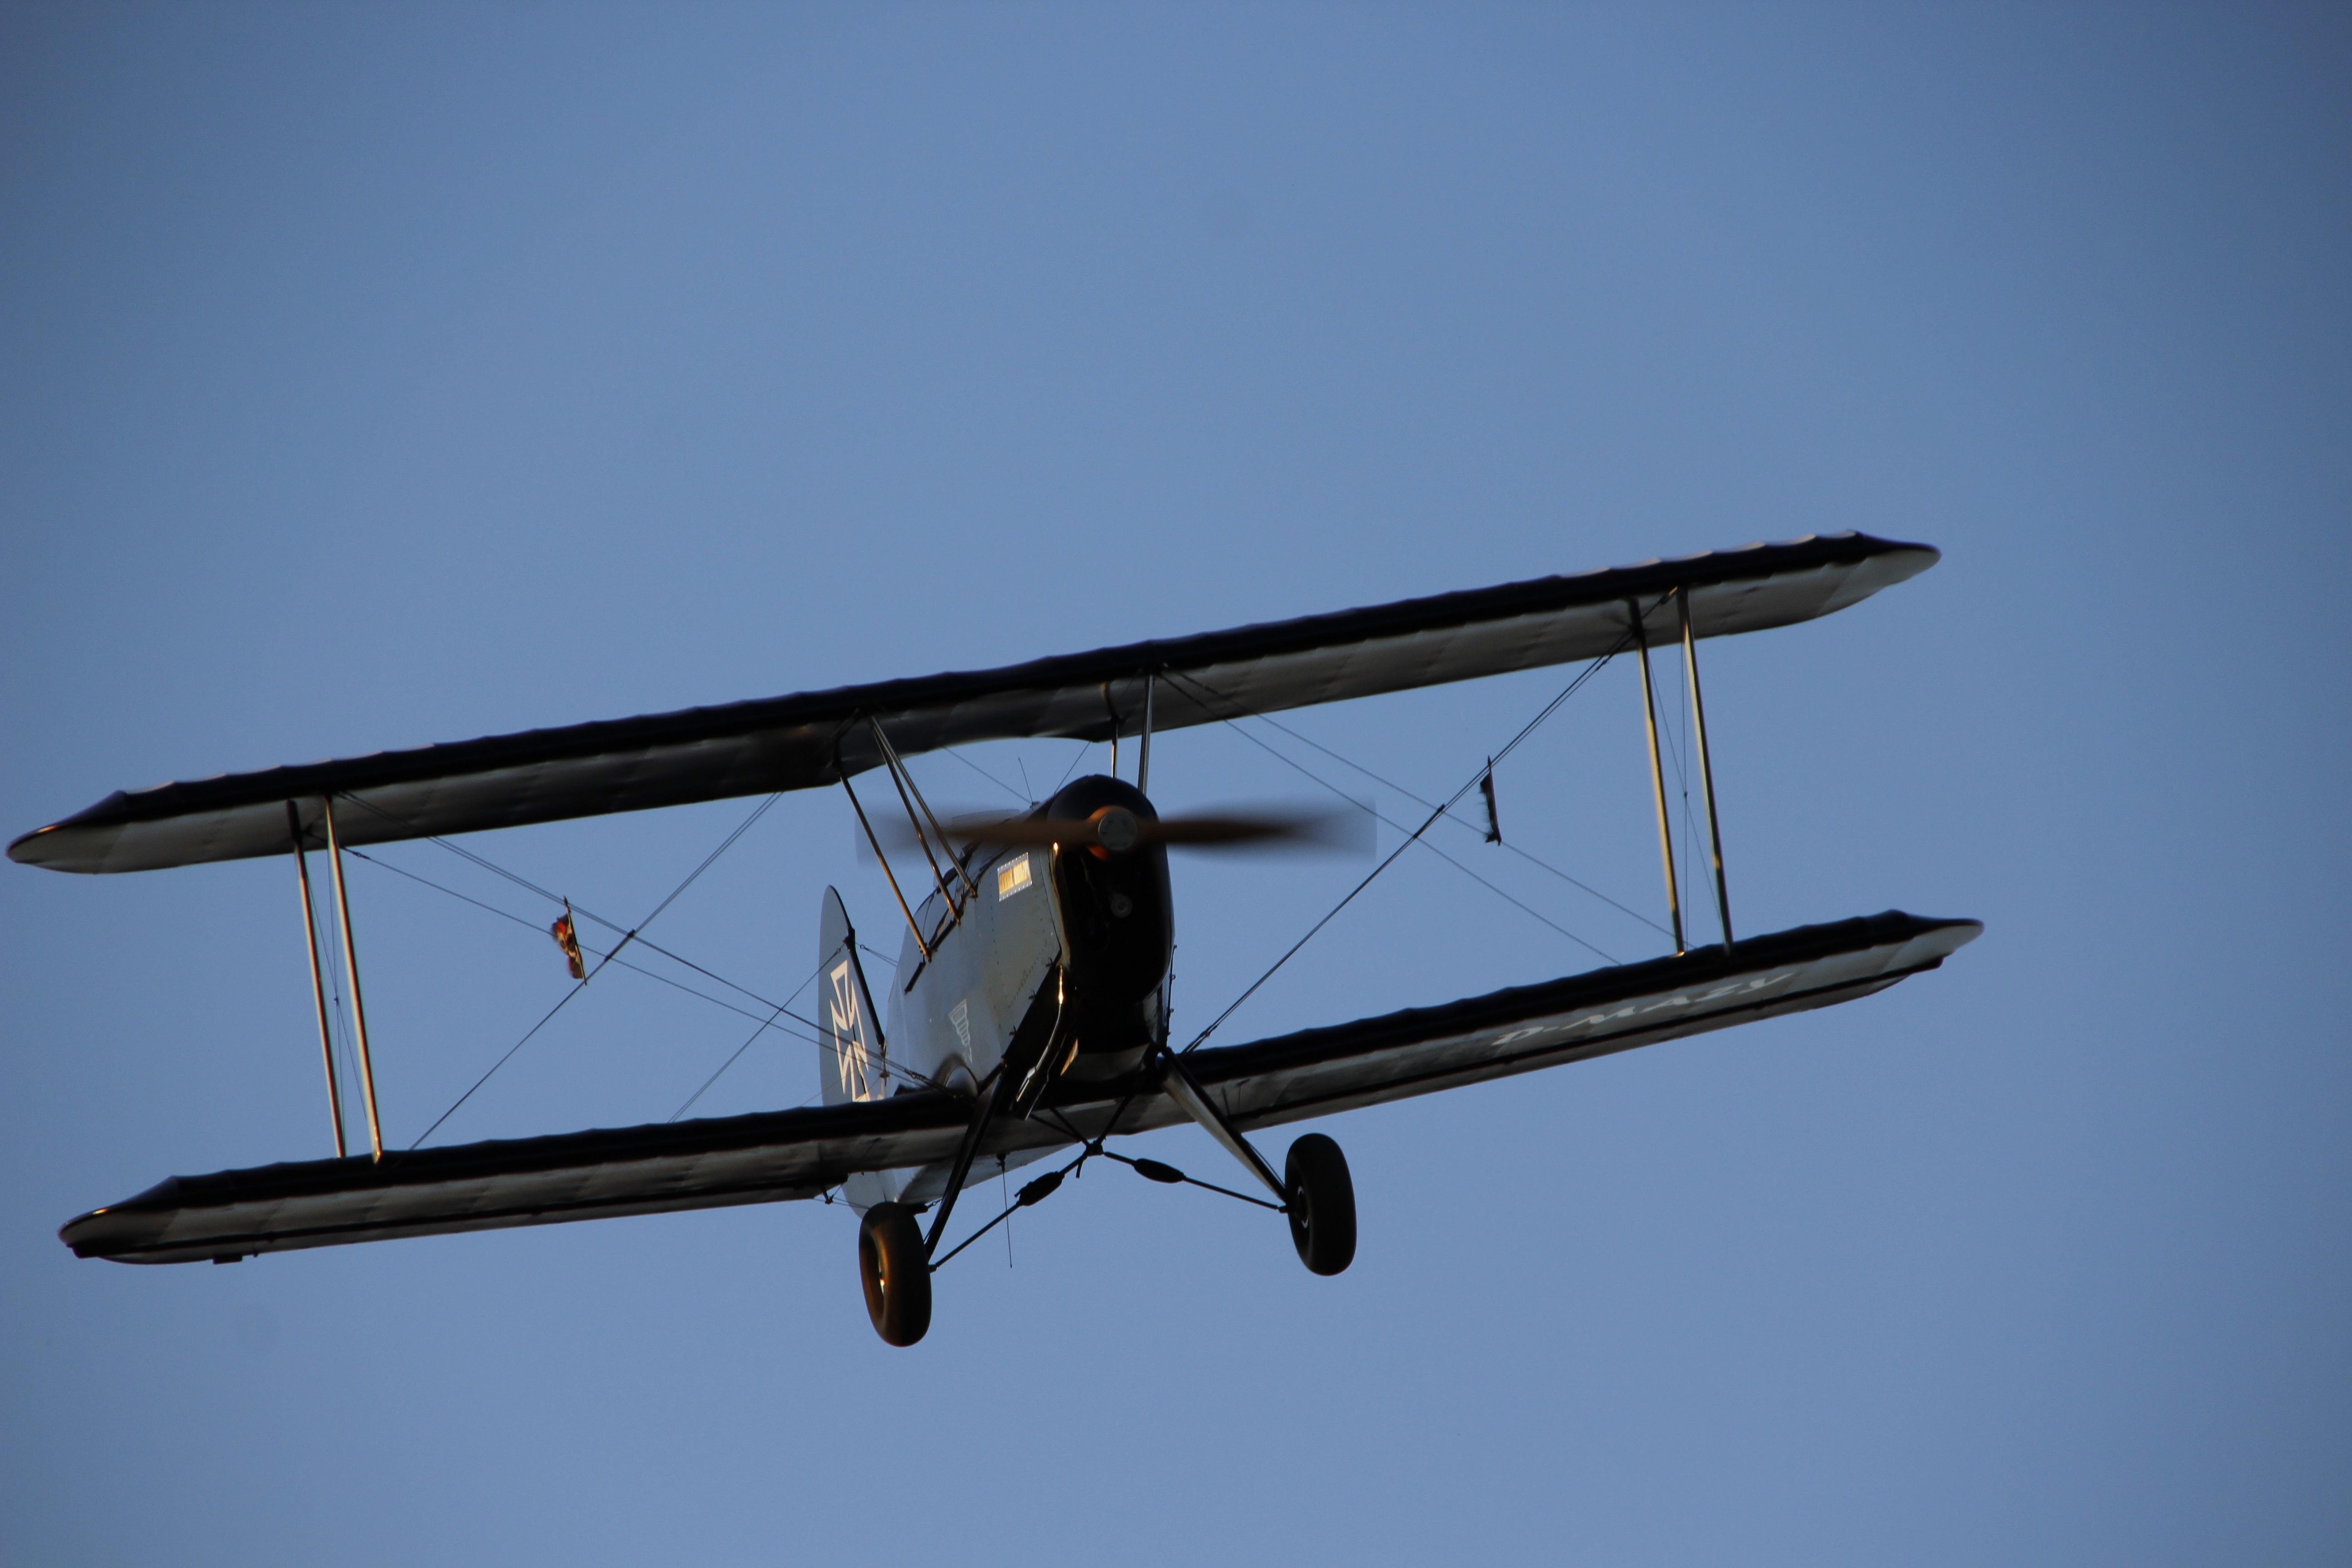 gratis afbeeldingen   vleugel  vliegtuig  voertuig  vlucht